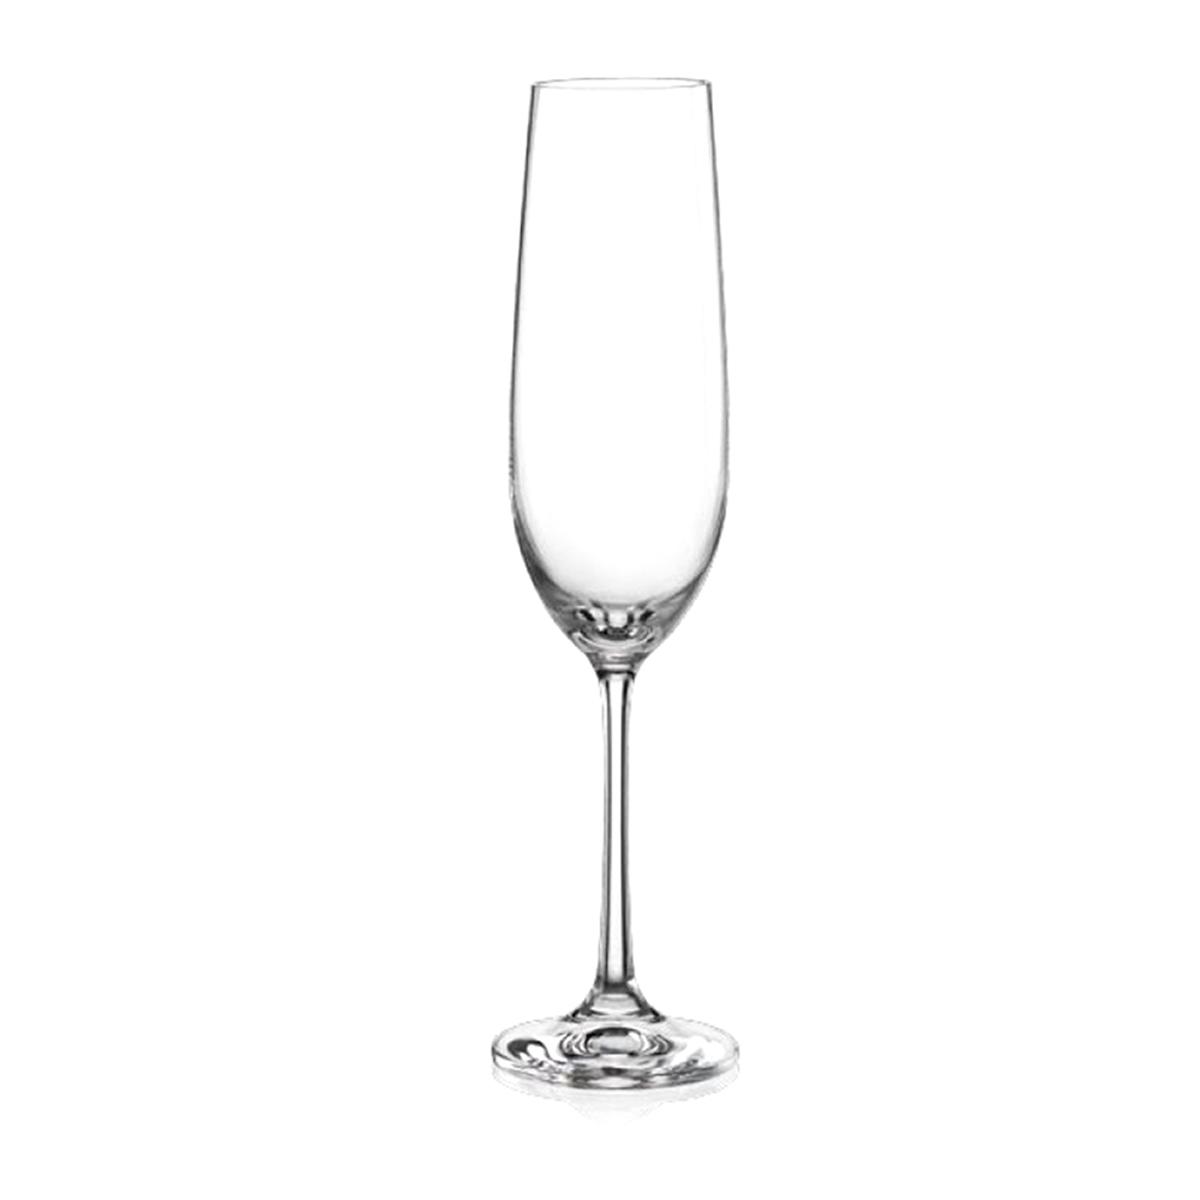 Набор бокалов для шампанского Bohemia Crystal Виола, 190 мл, 6 шт. 40729/190 набор бокалов для шампанского bohemia crystal анжела 190 мл 6 шт 40600 q8997 190